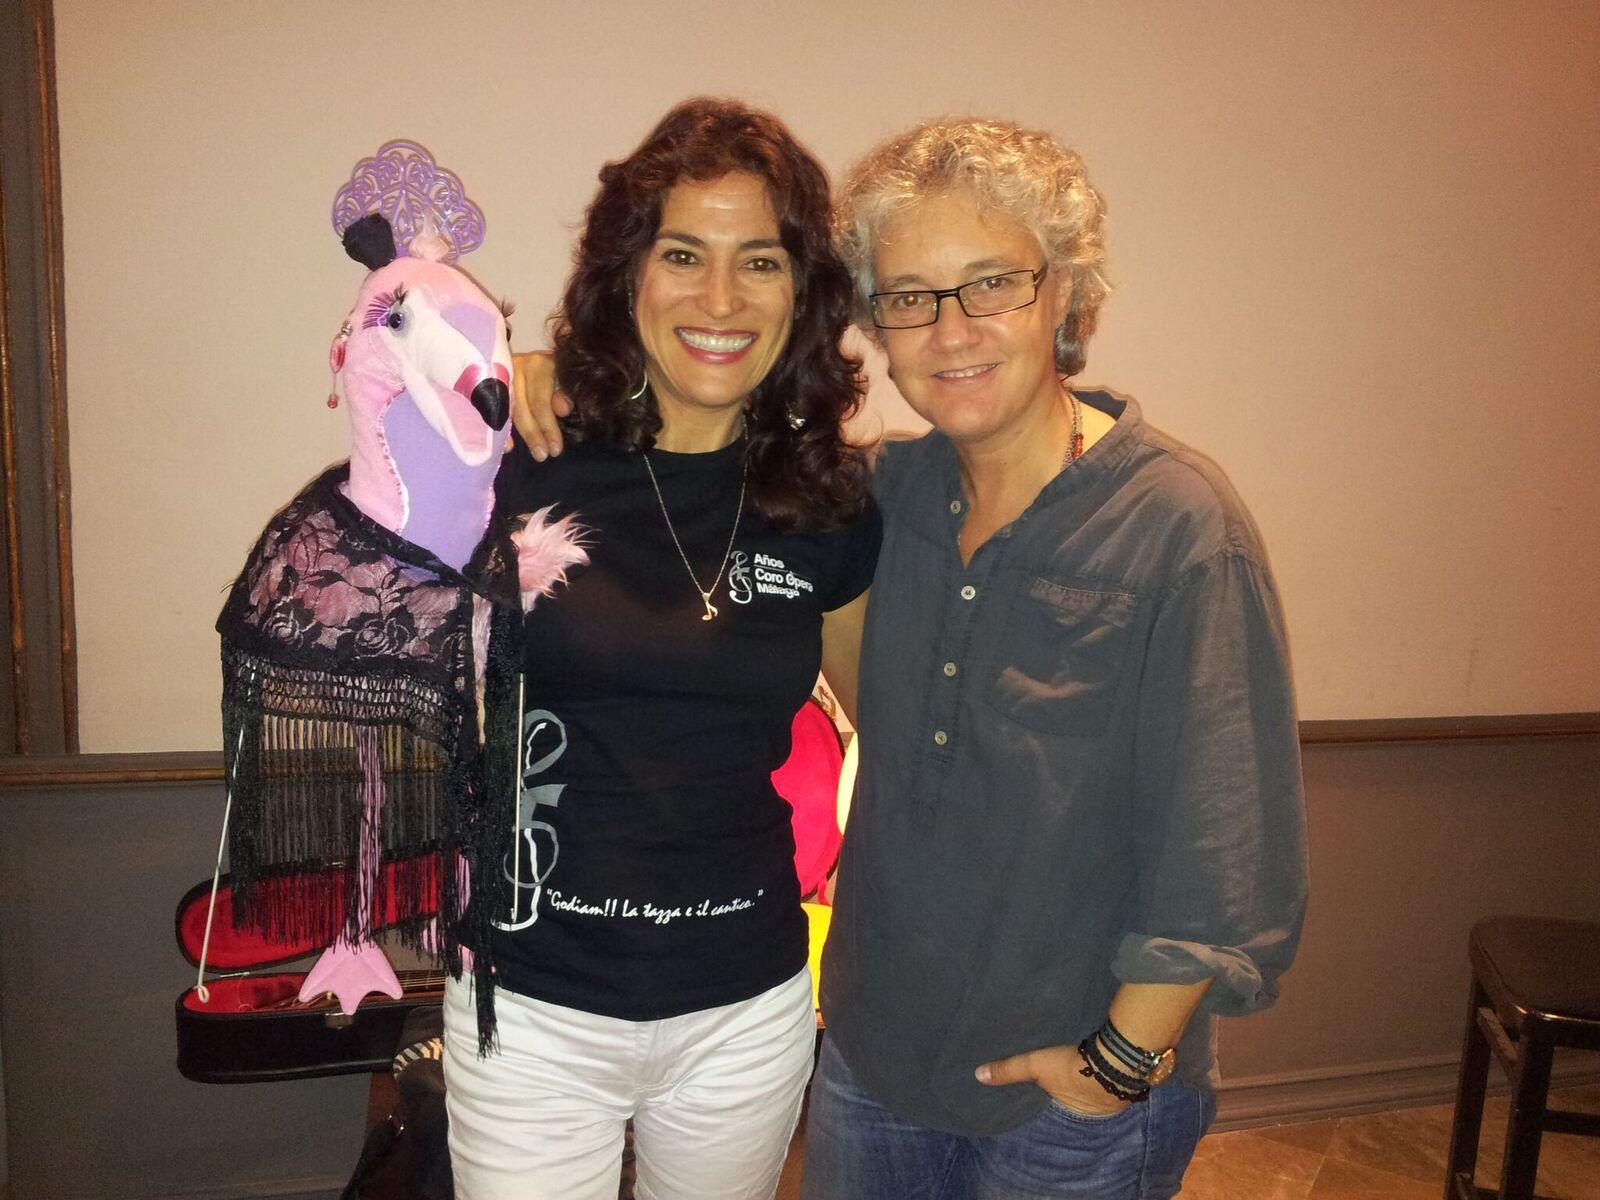 Ana-Norro-Ventrilocua-Cantante-Flamenco